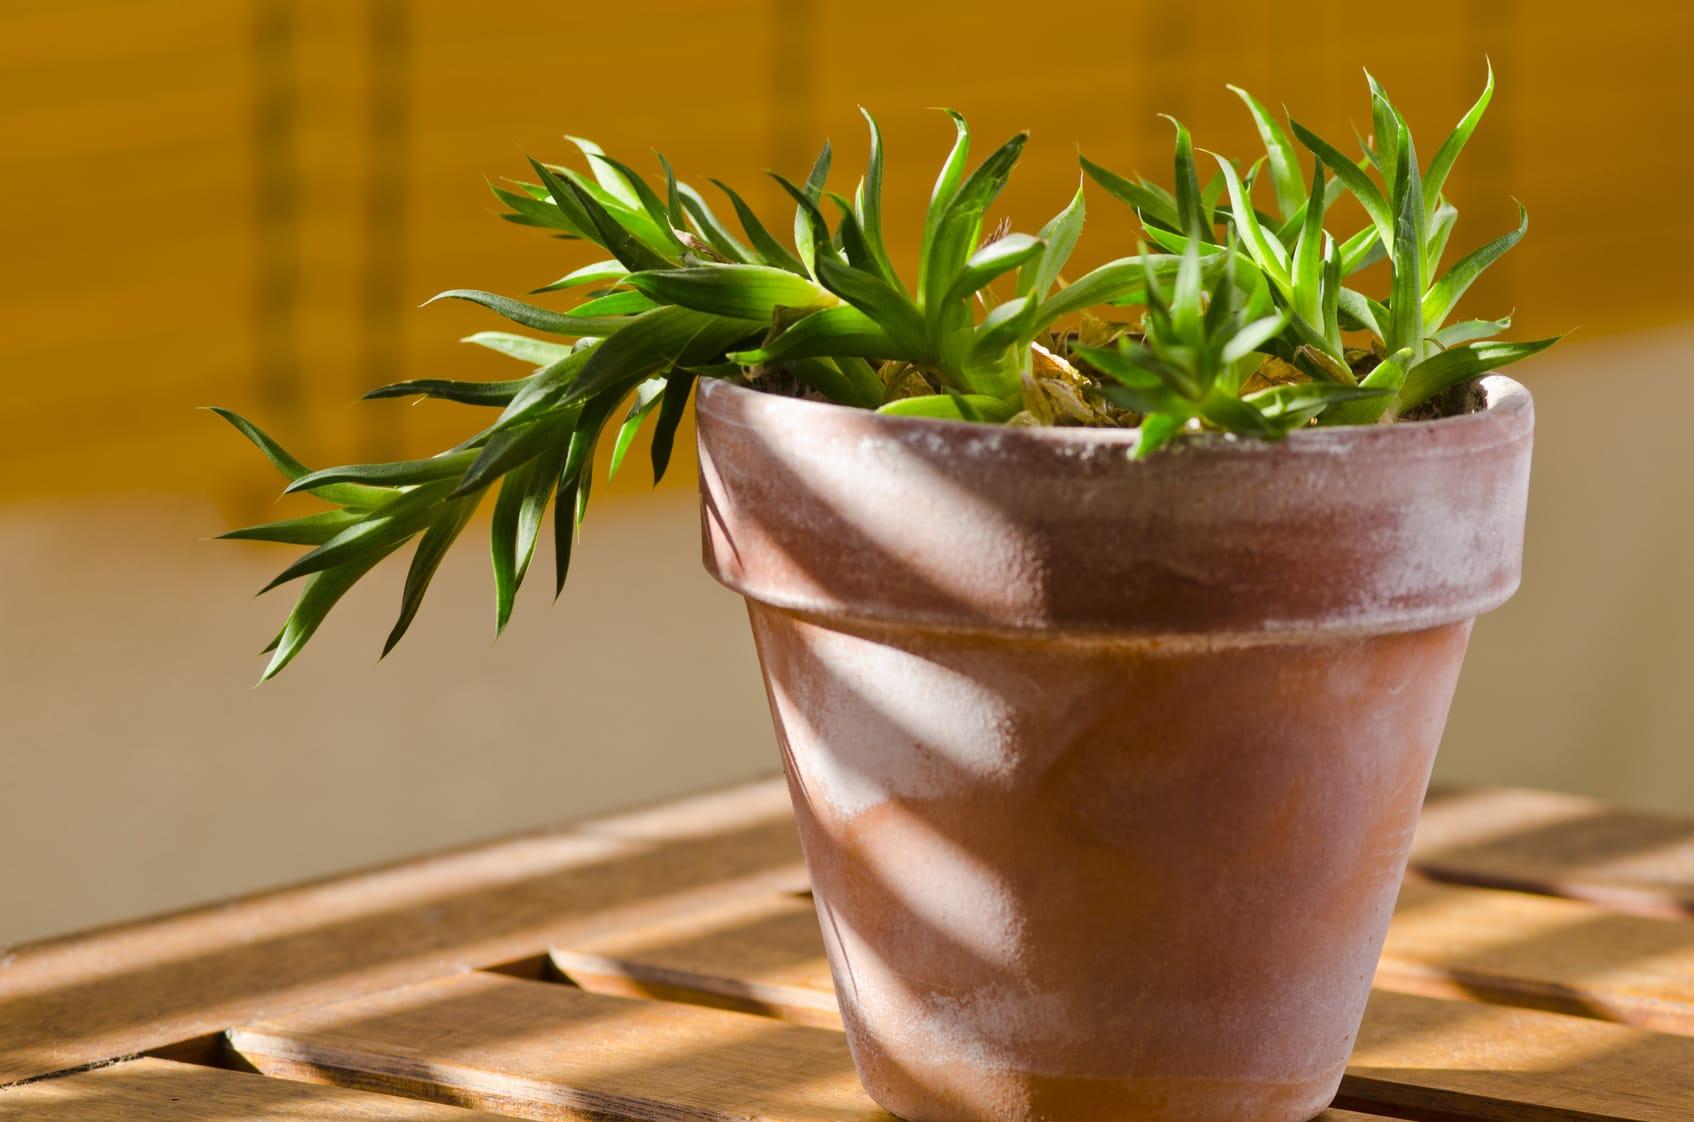 Pflanzen drehen für gleichmäßiges Wachstum? – Ist das sinnvoll?